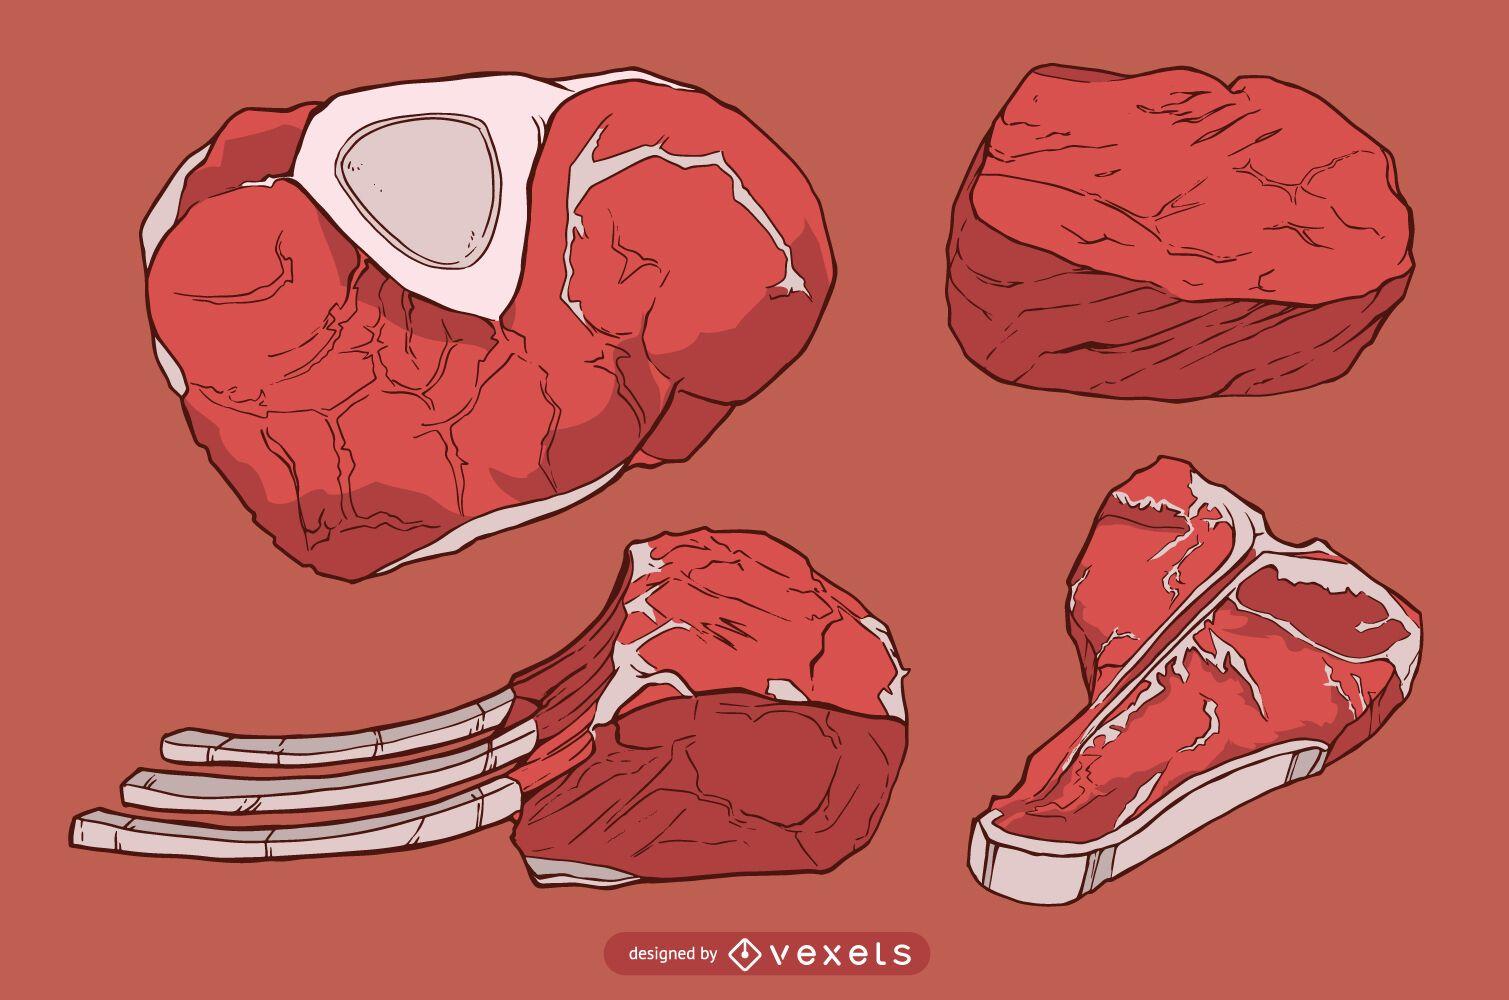 Red meat steak slices illustration